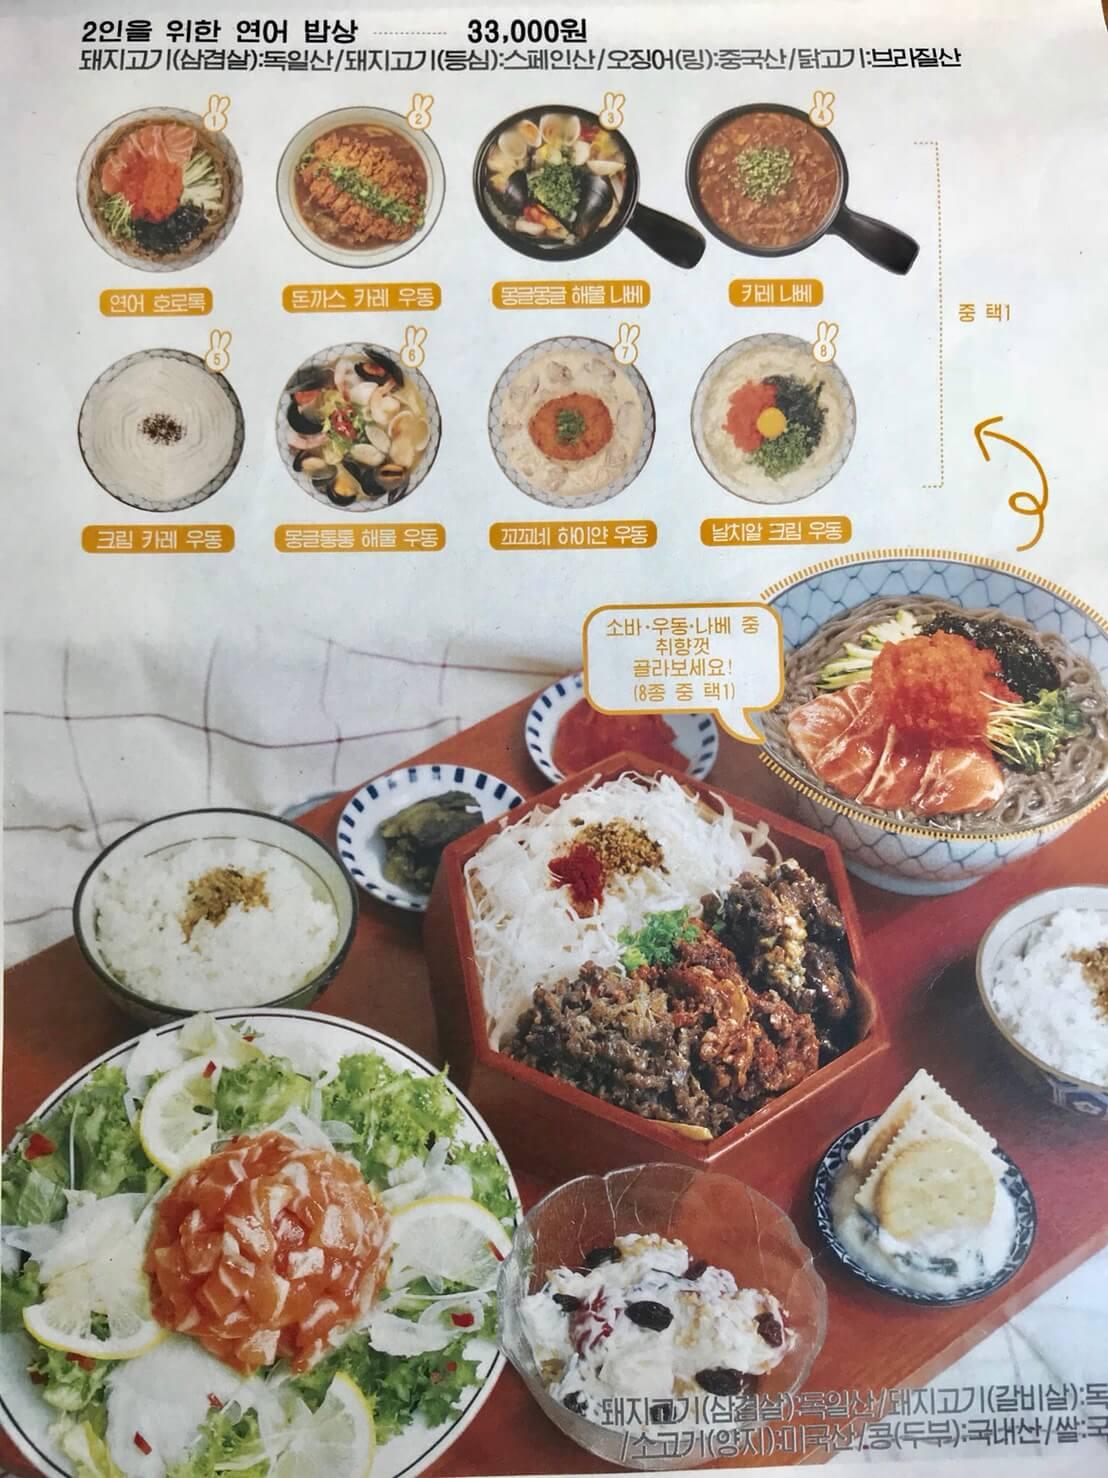 新チェジュの韓国料理屋のセットメニュー